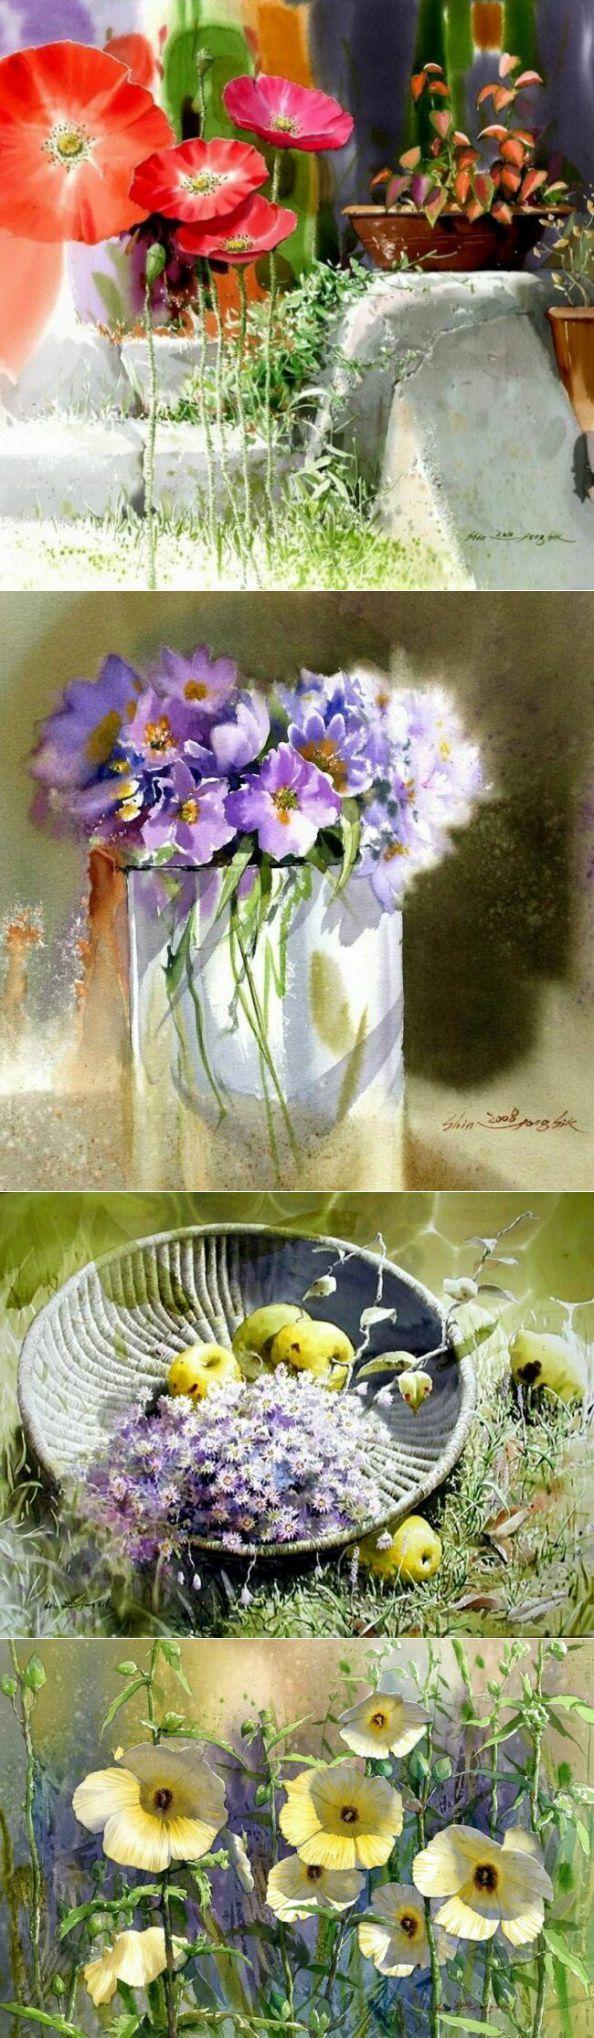 Солнечные акварели от Shin Jong Sik | искусство | Постила